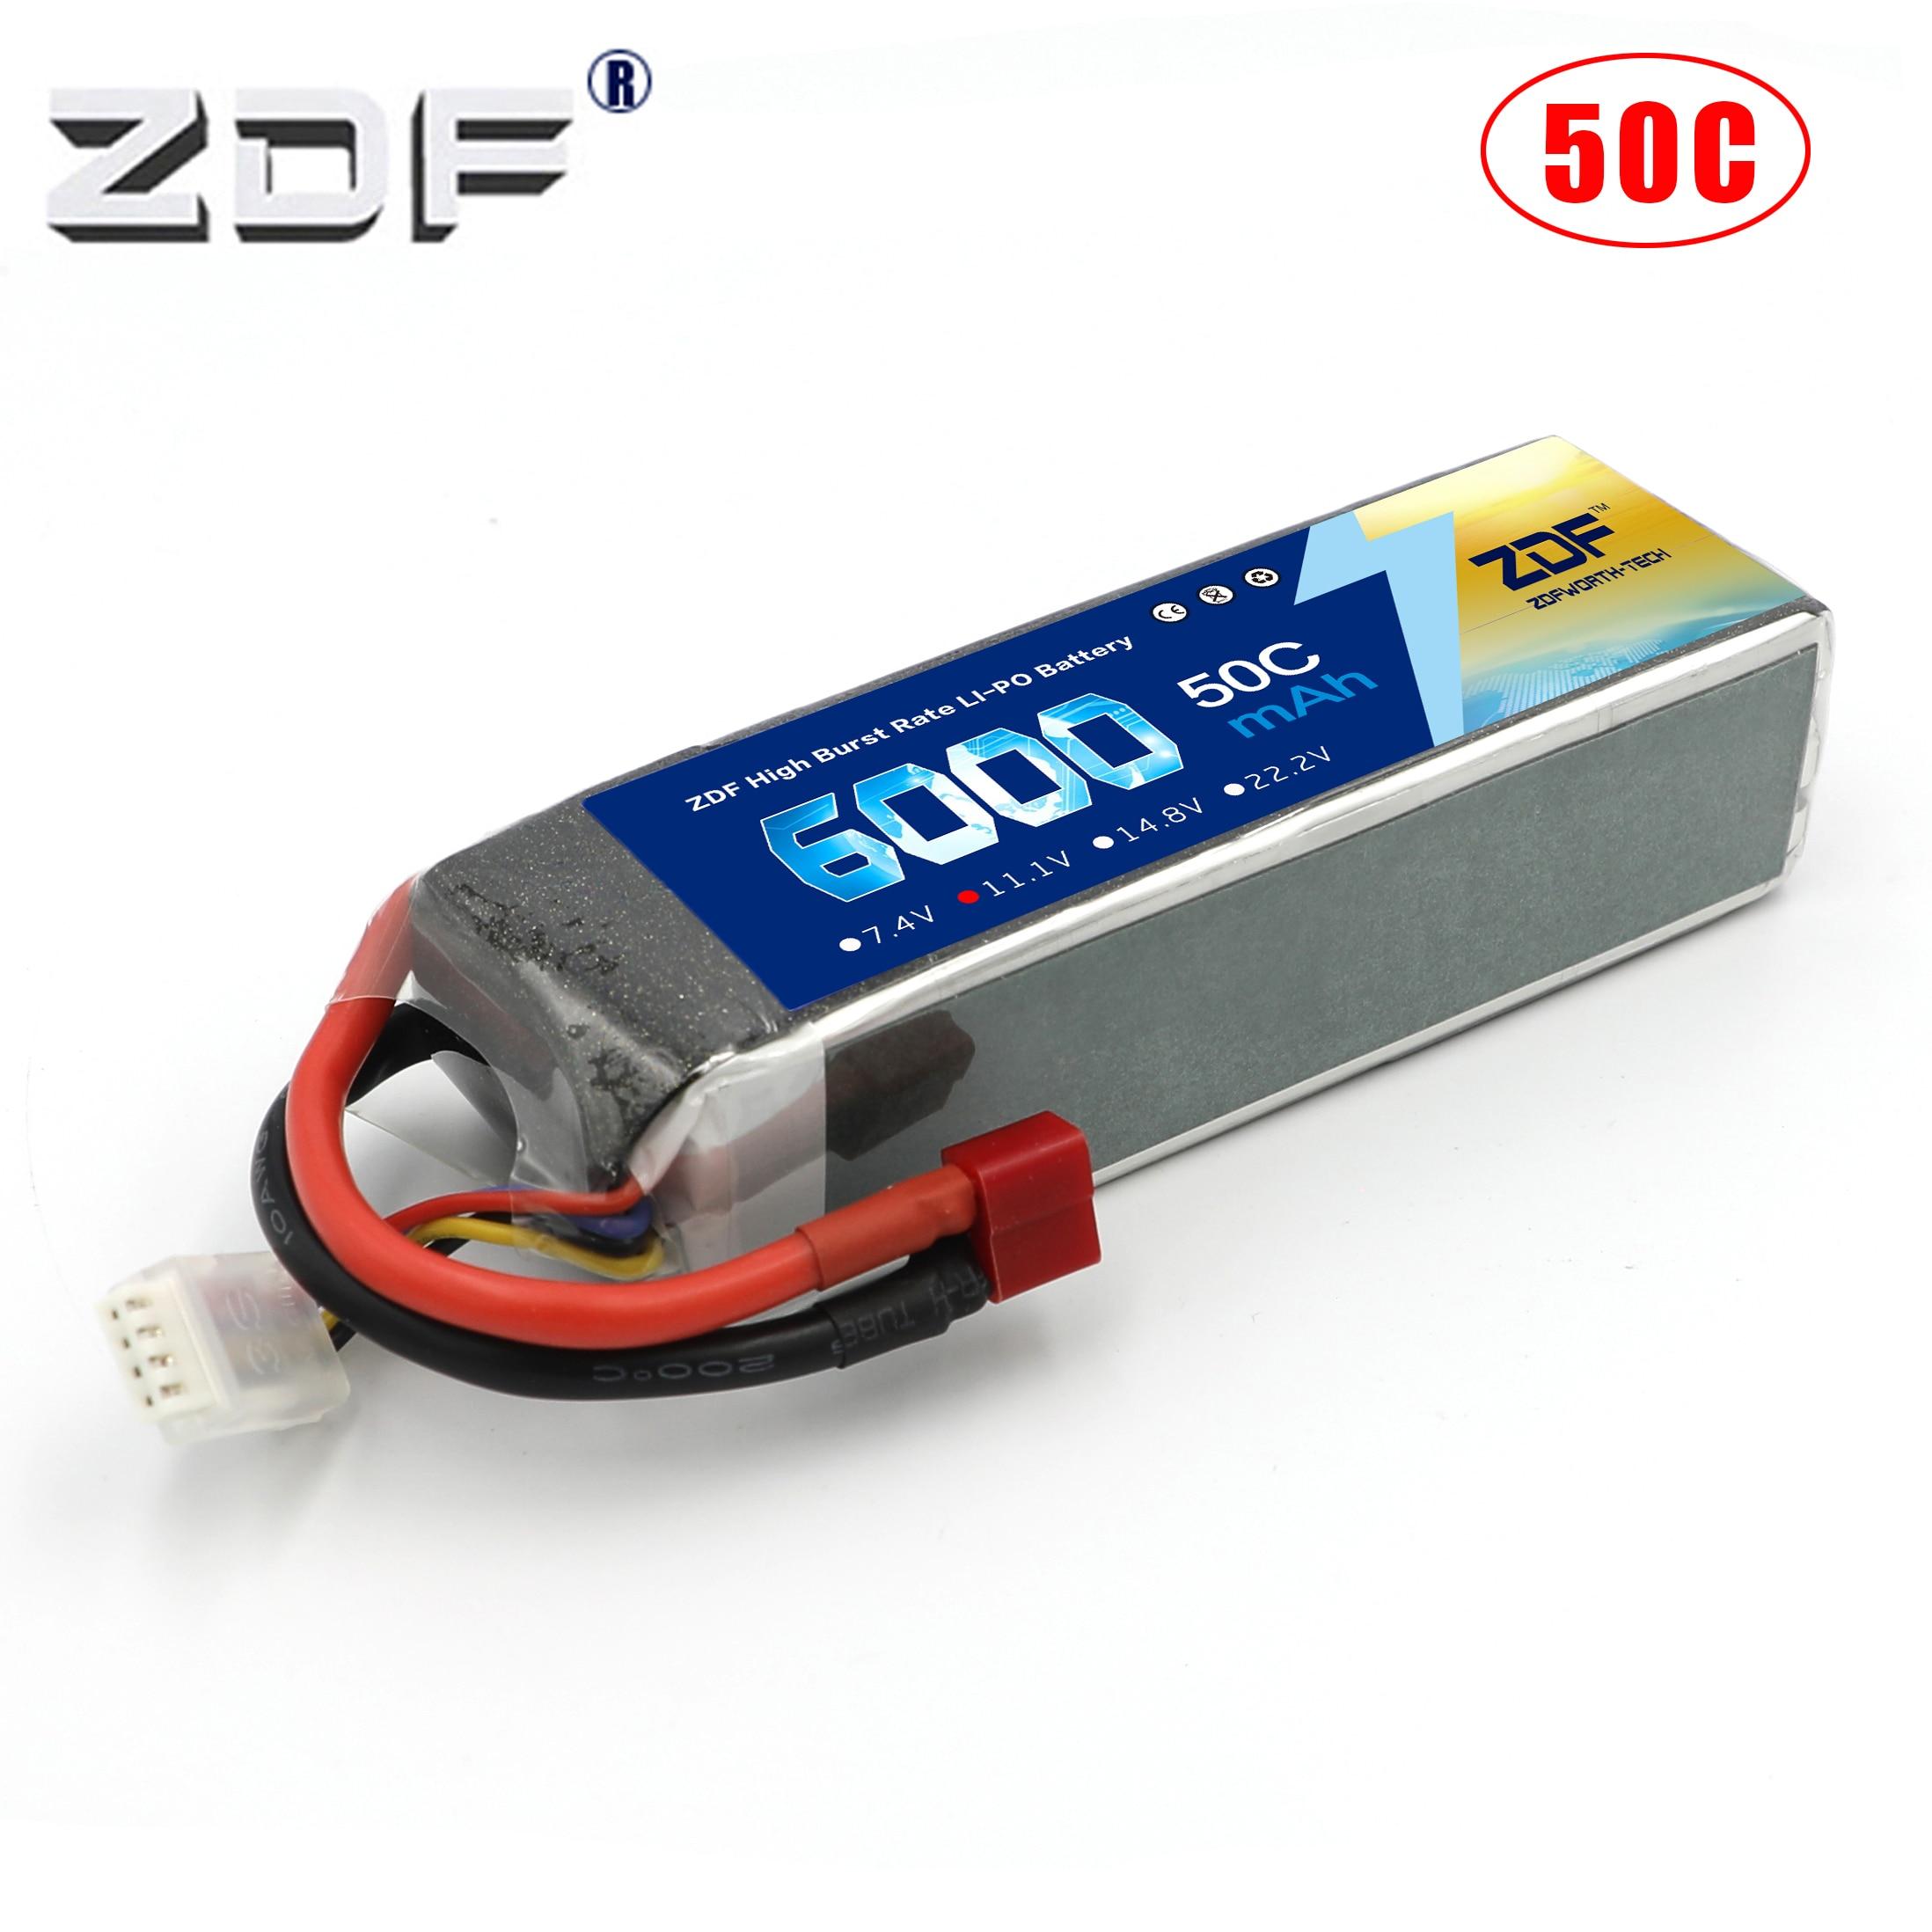 Batterie ZDF lipo 11.1V 6000mah 50C 3S max 100C pour RC 1:8 1:10 1:5 voiture de course Trex-450 hélicoptère quadrirotor à voilure fixe